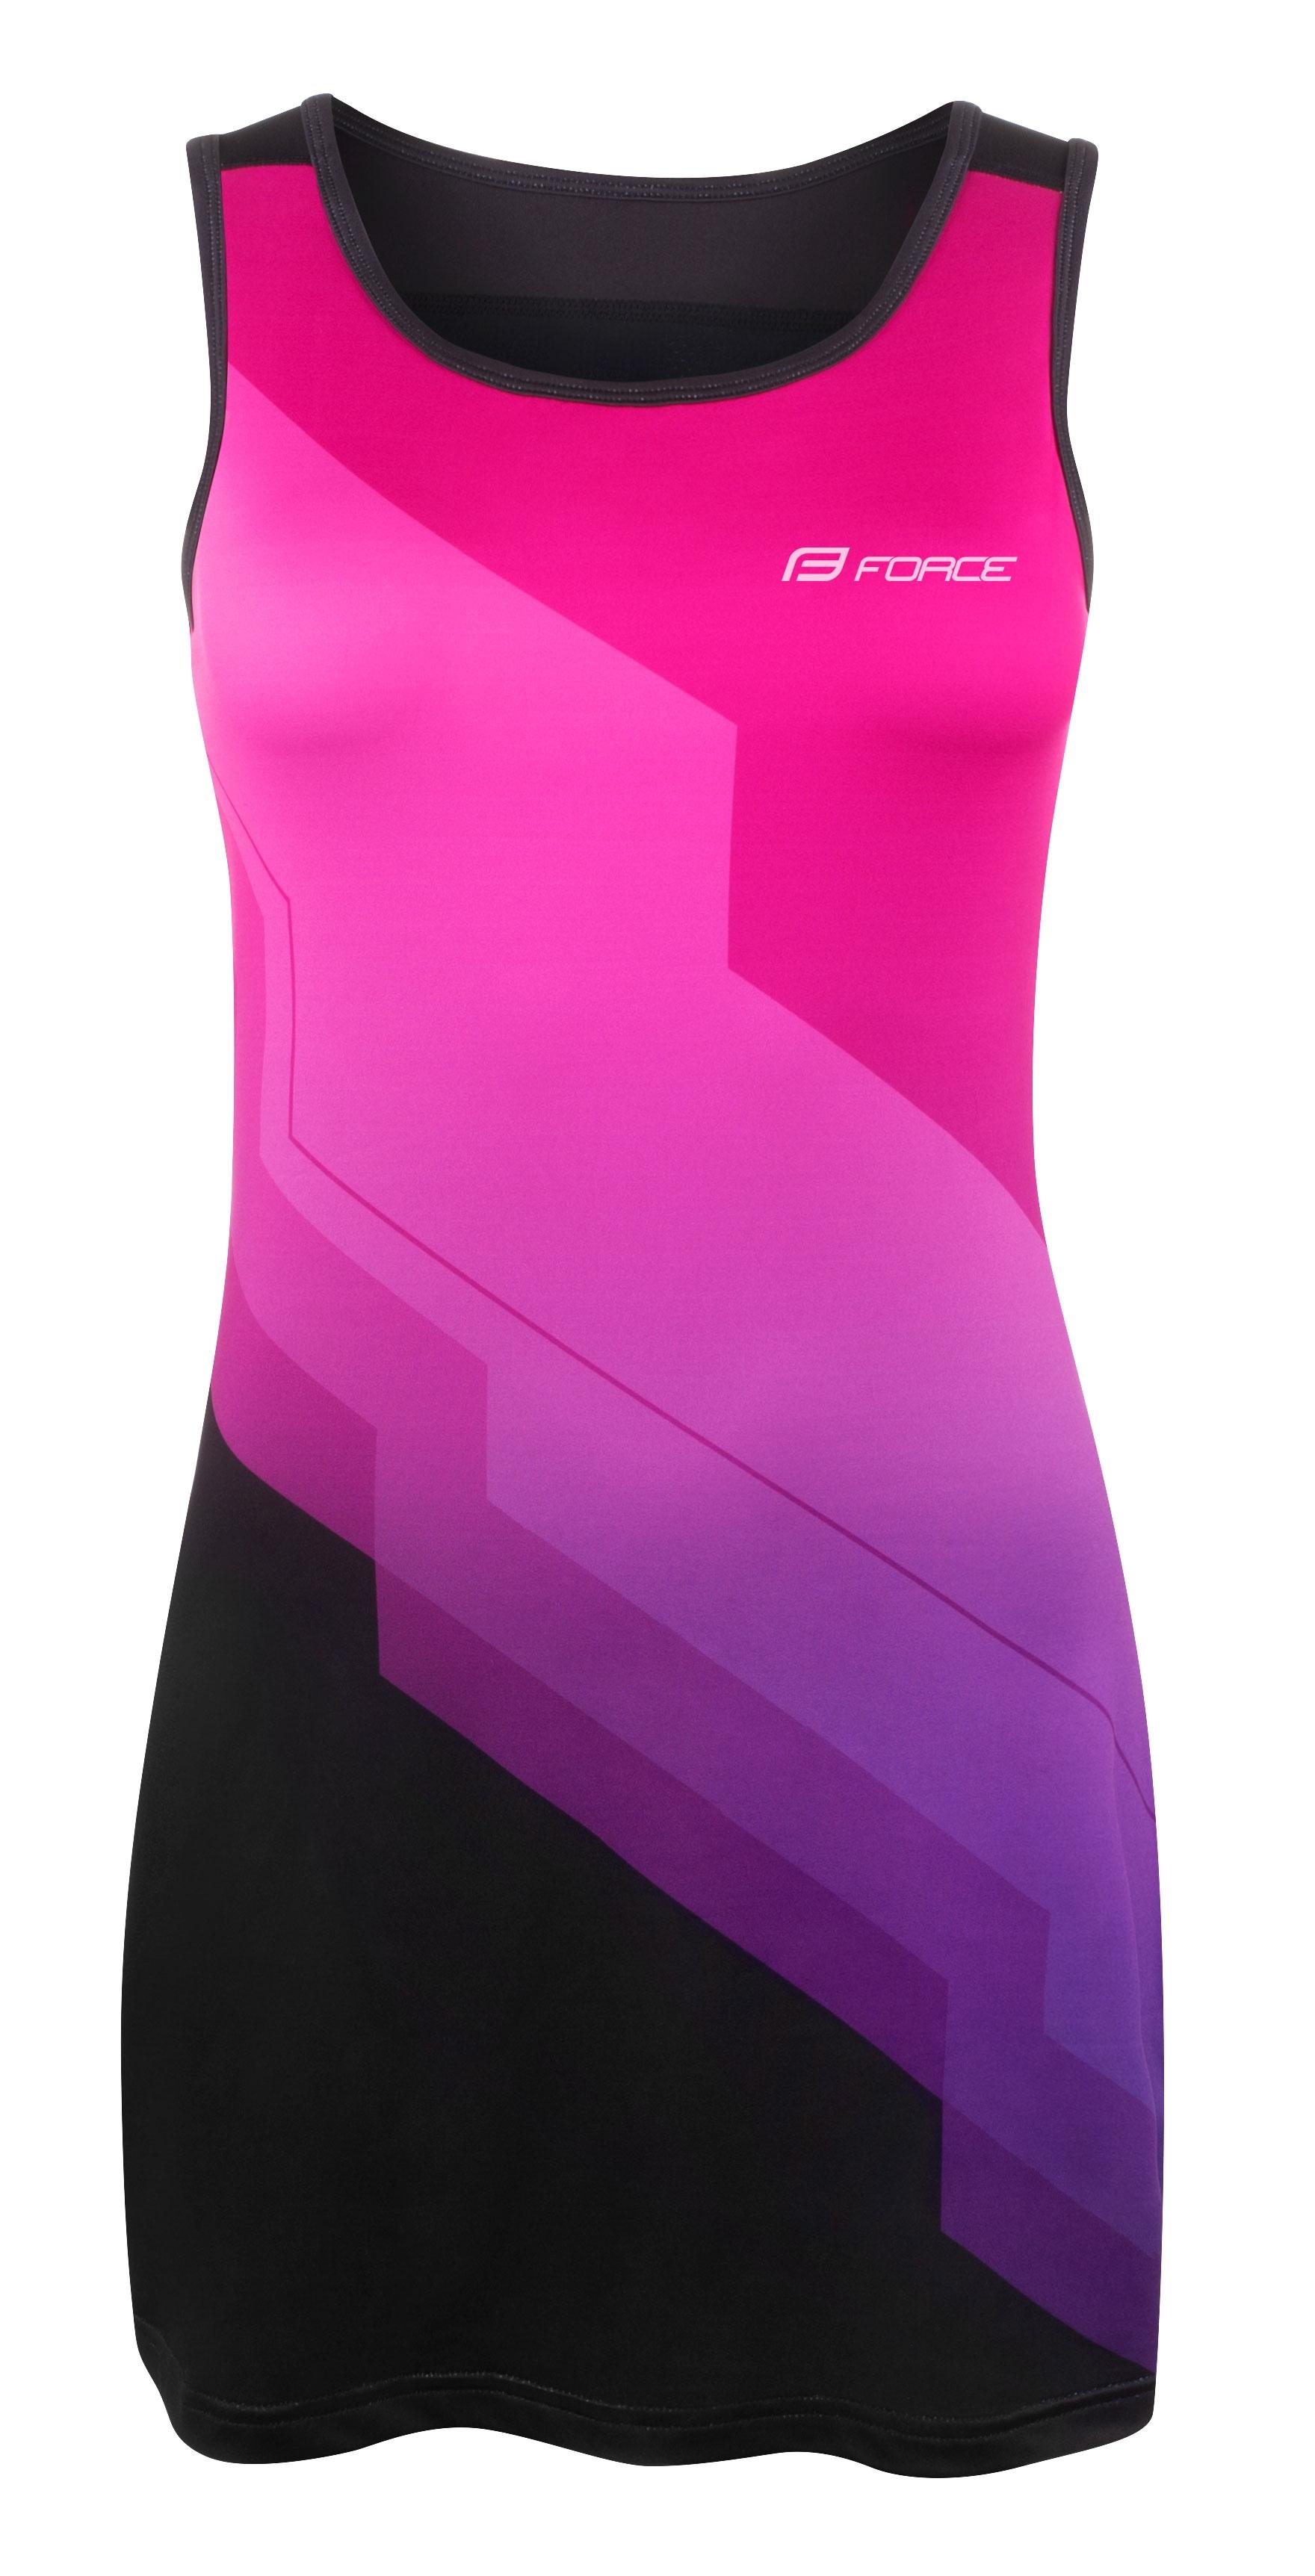 šaty sportovní FORCE ABBY, růžovo-černé XXL